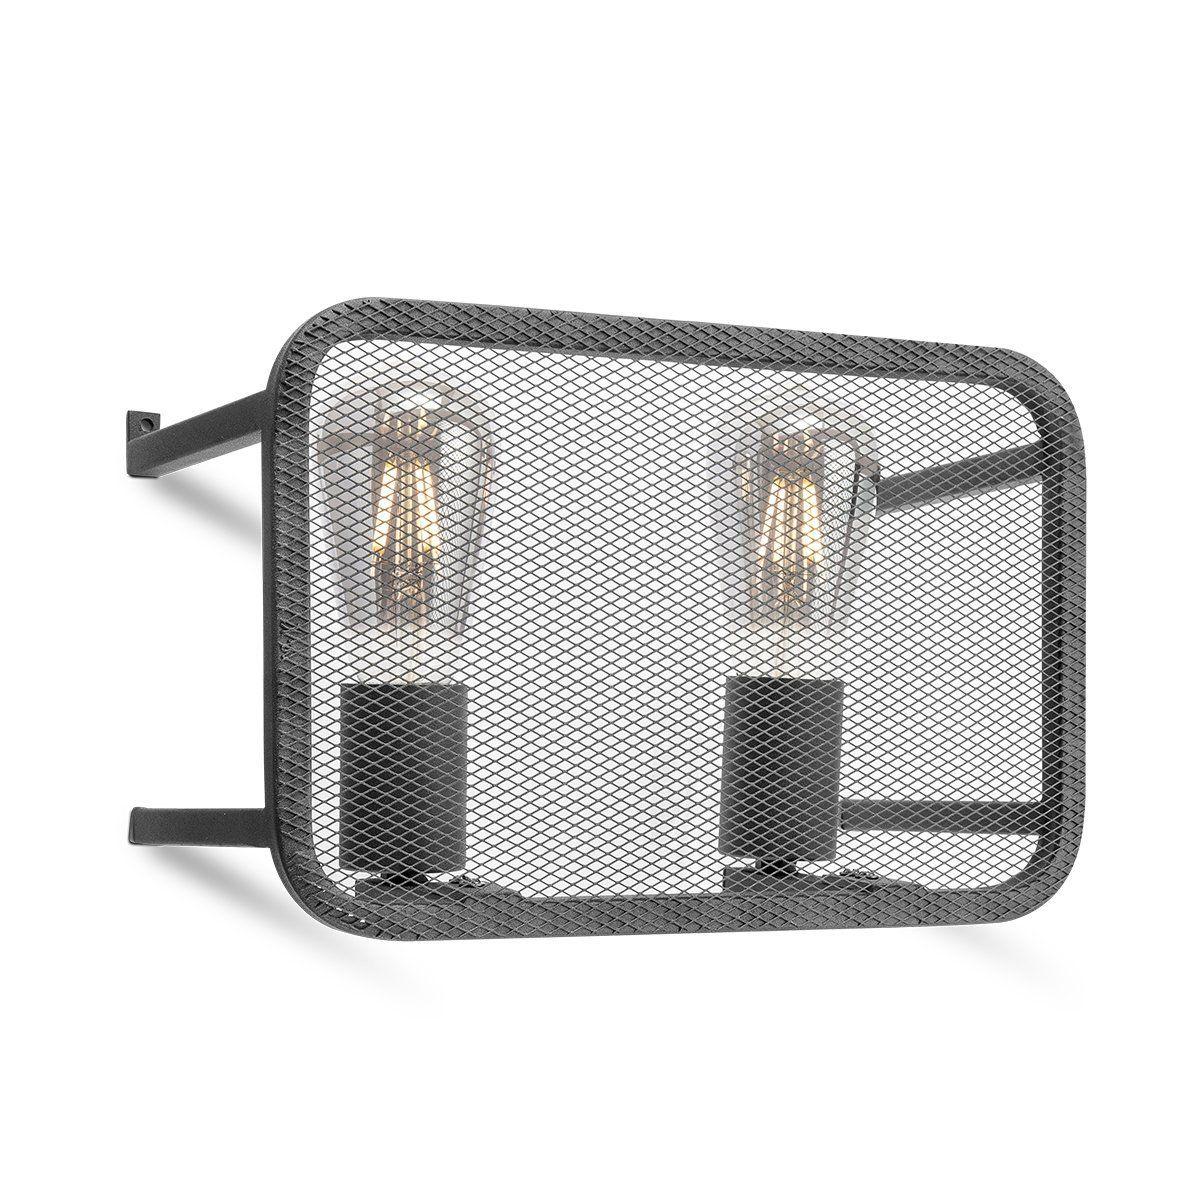 Home sweet home wandlamp Weave 2 lichts - zwart